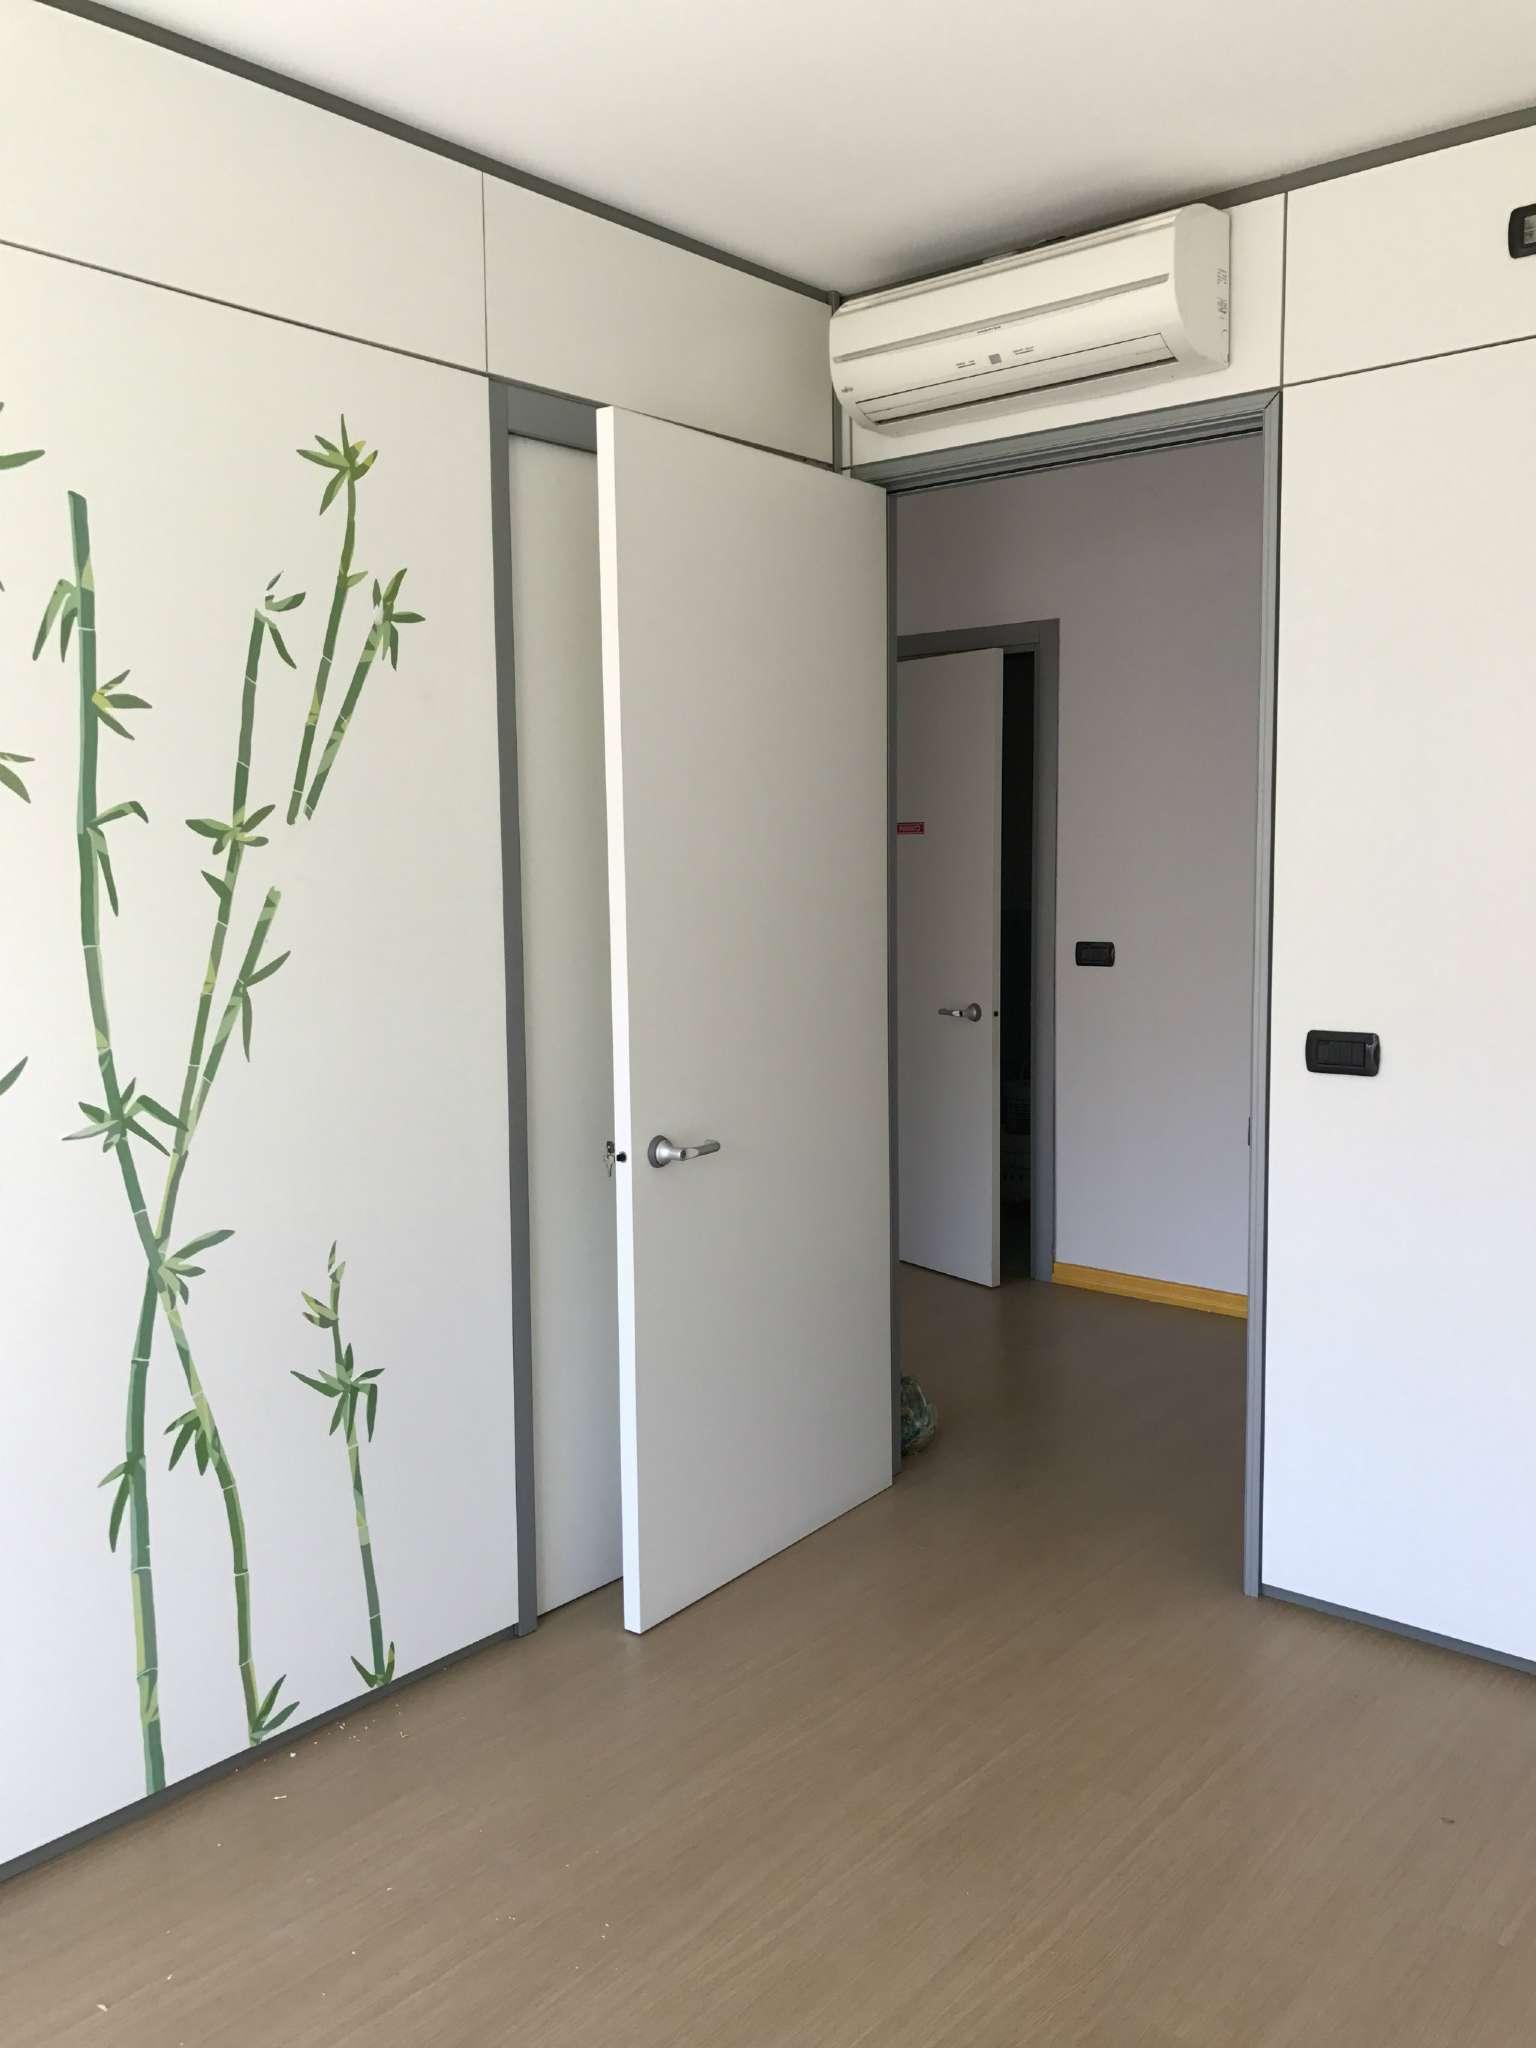 Laboratorio in affitto a Alghero, 6 locali, prezzo € 1.200 | CambioCasa.it